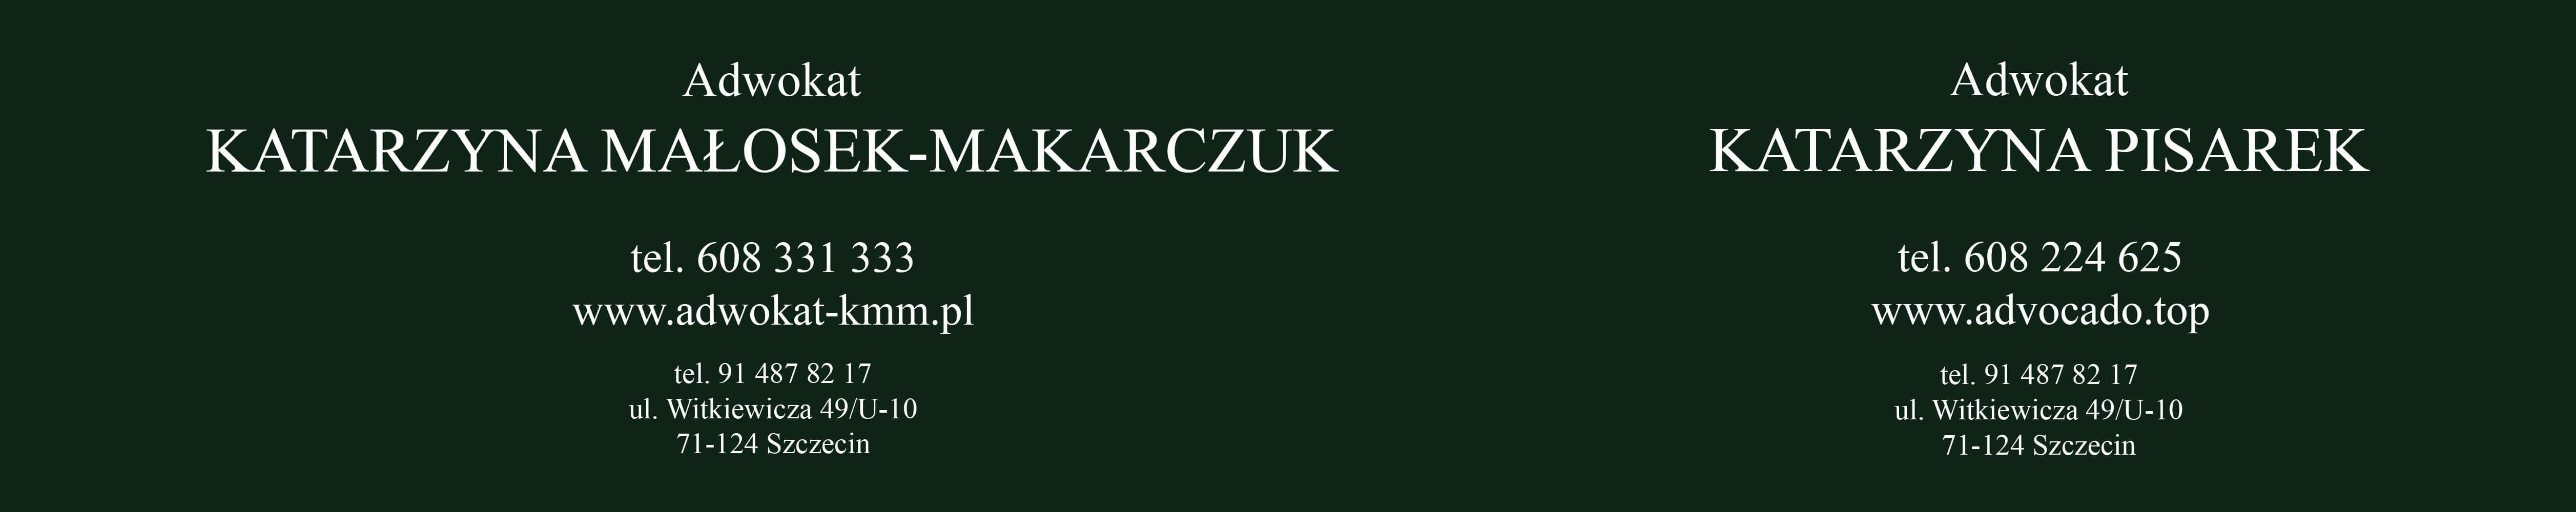 Szyld - 02 - 02 - wyśrodkowane napisy